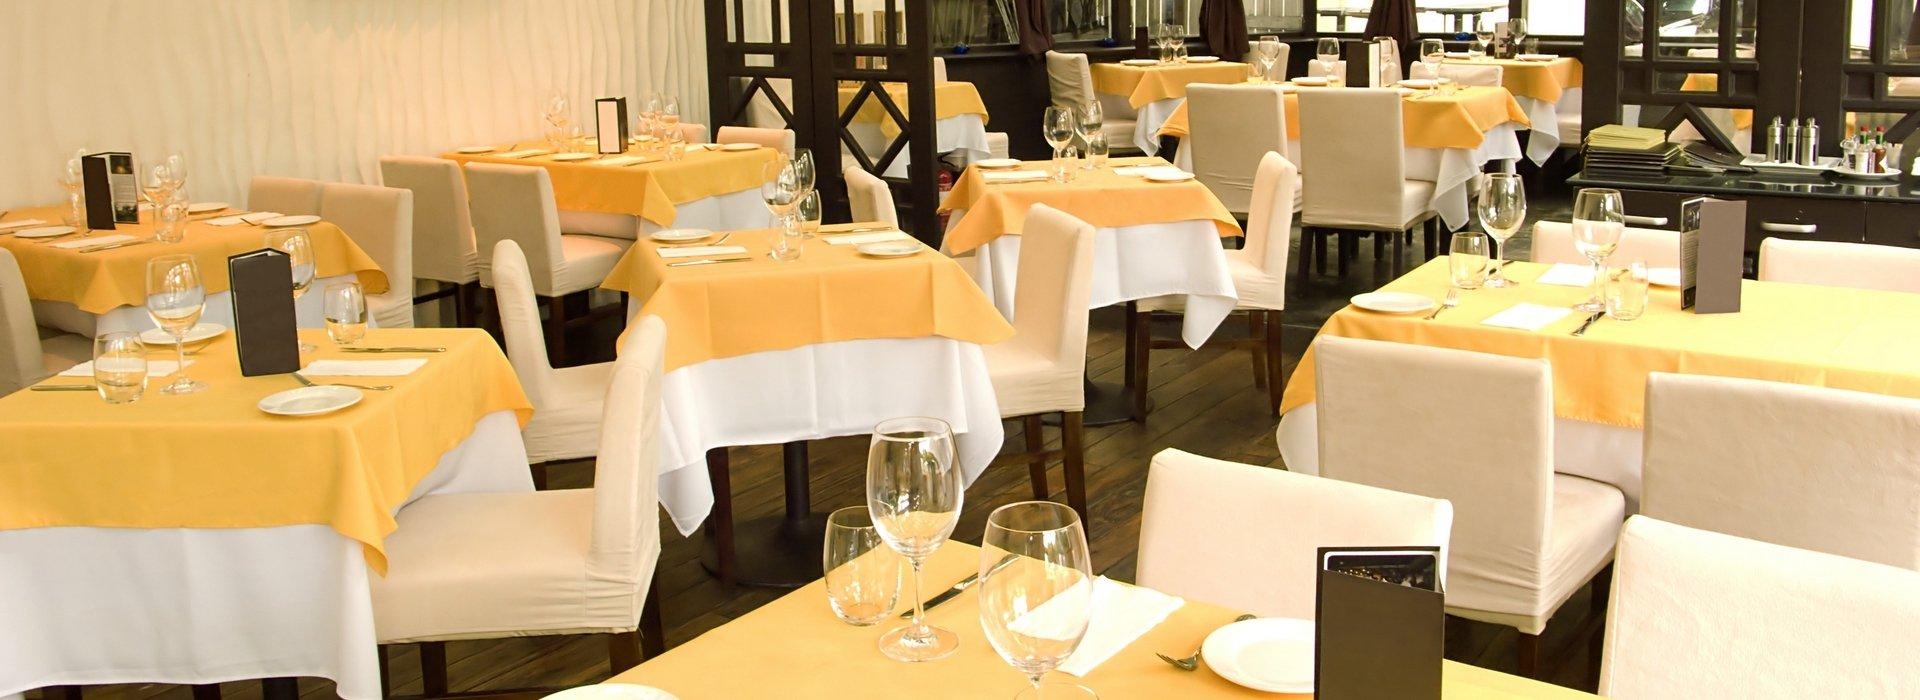 Pesti éttermek -  Étterem Kereső Pest